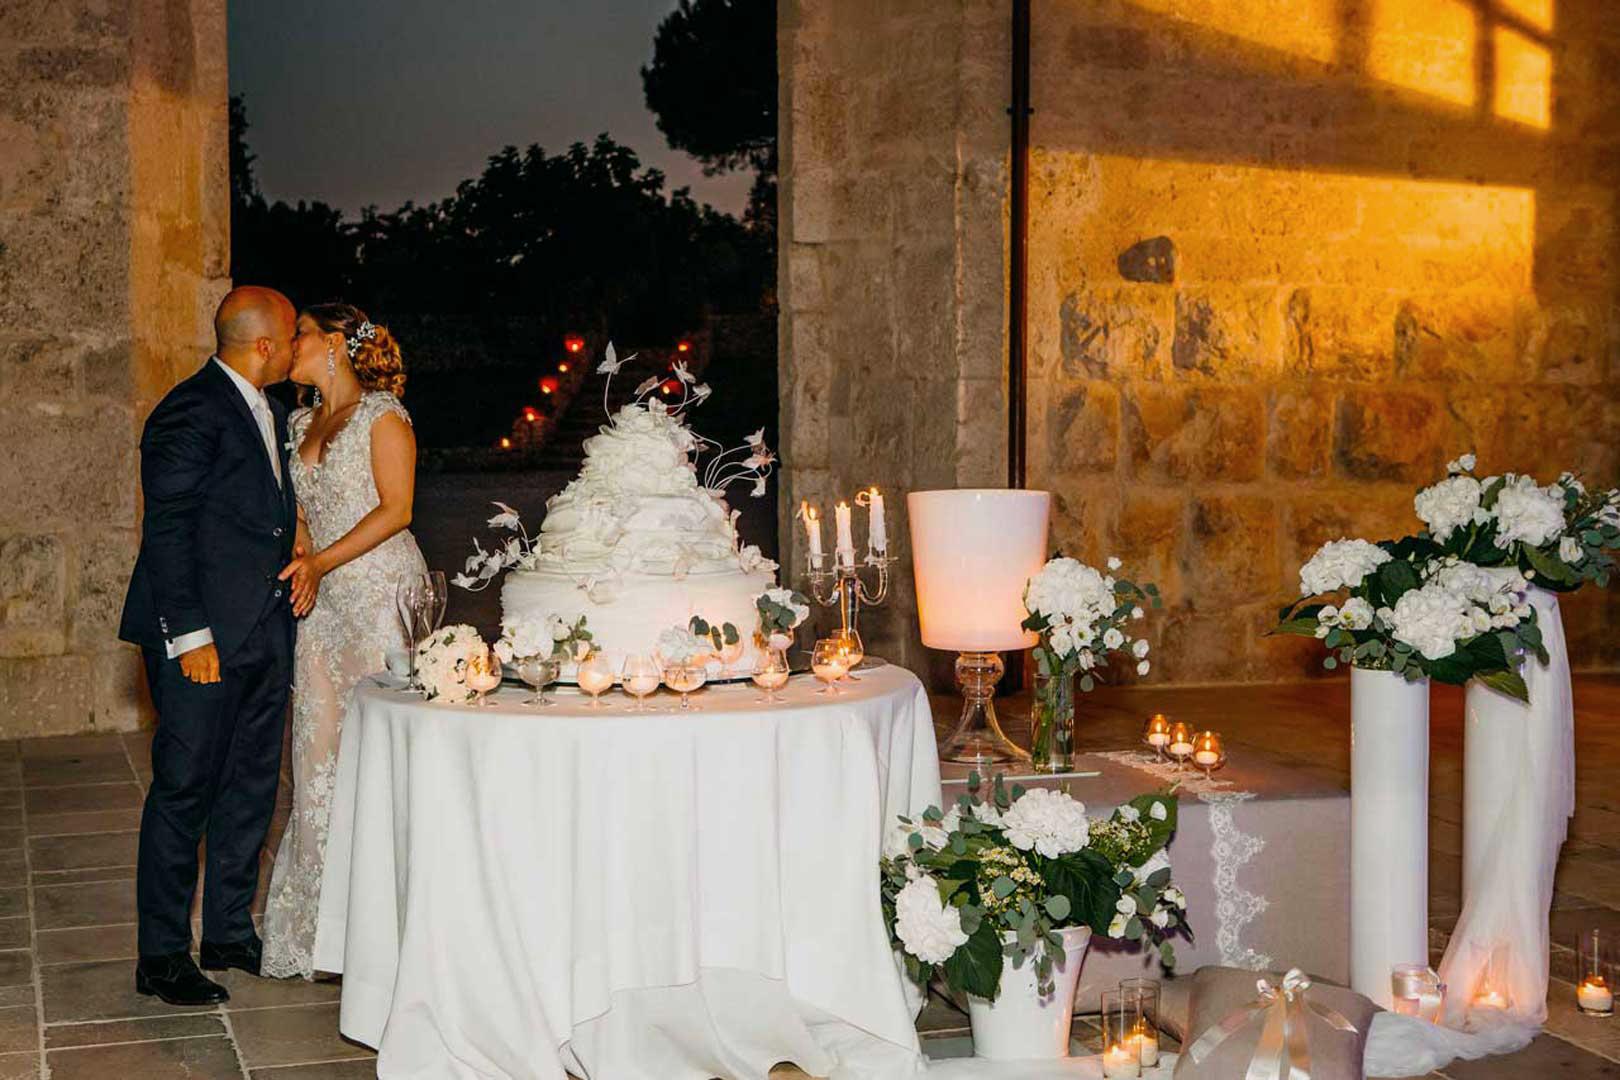 045-torta-matrimonio-gianni-lepore-fotografo